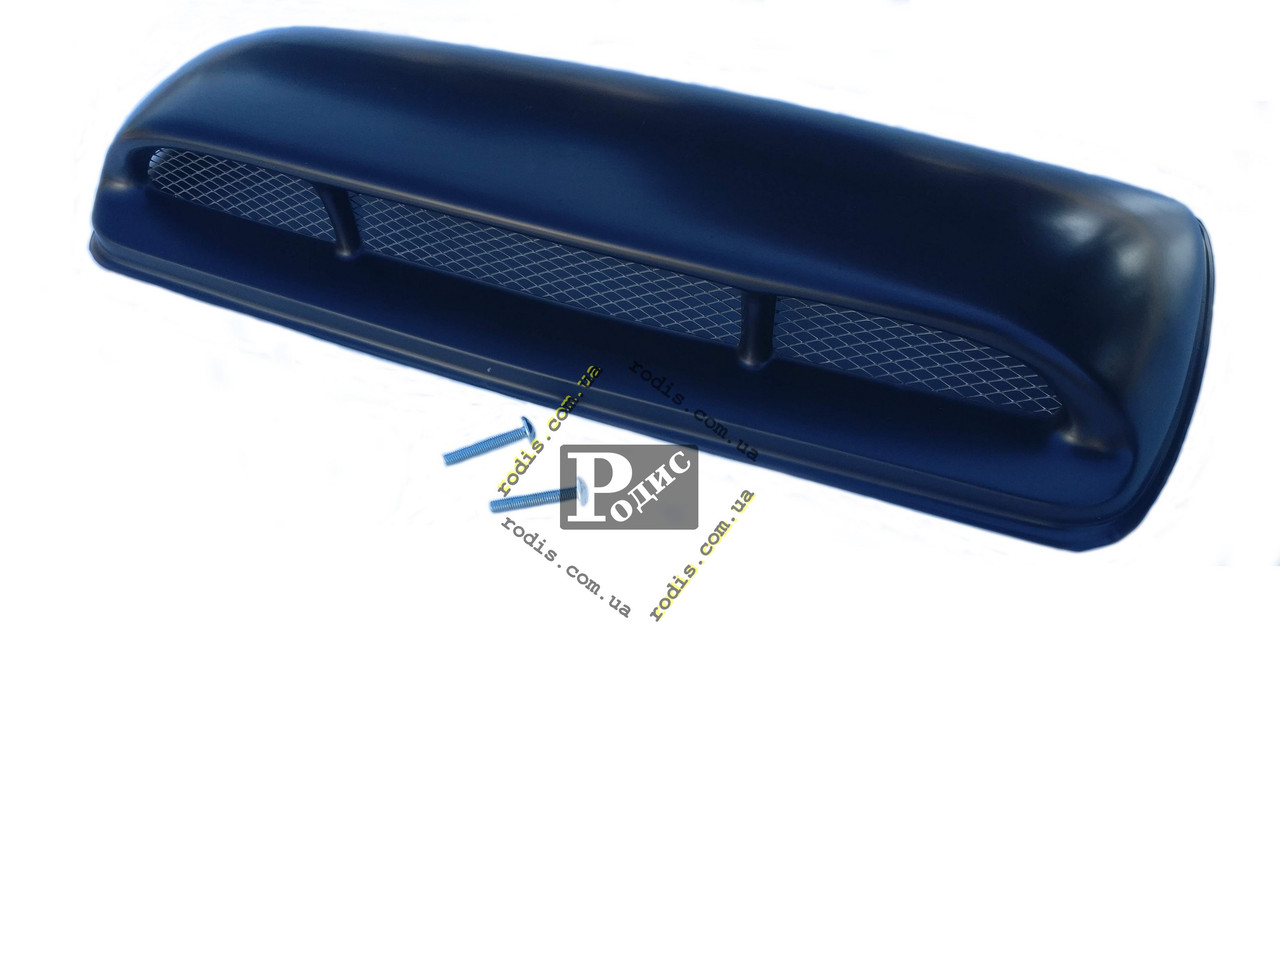 Воздухозаборник ВАЗ 2101 (610*270) - Накапотник Lada Classica